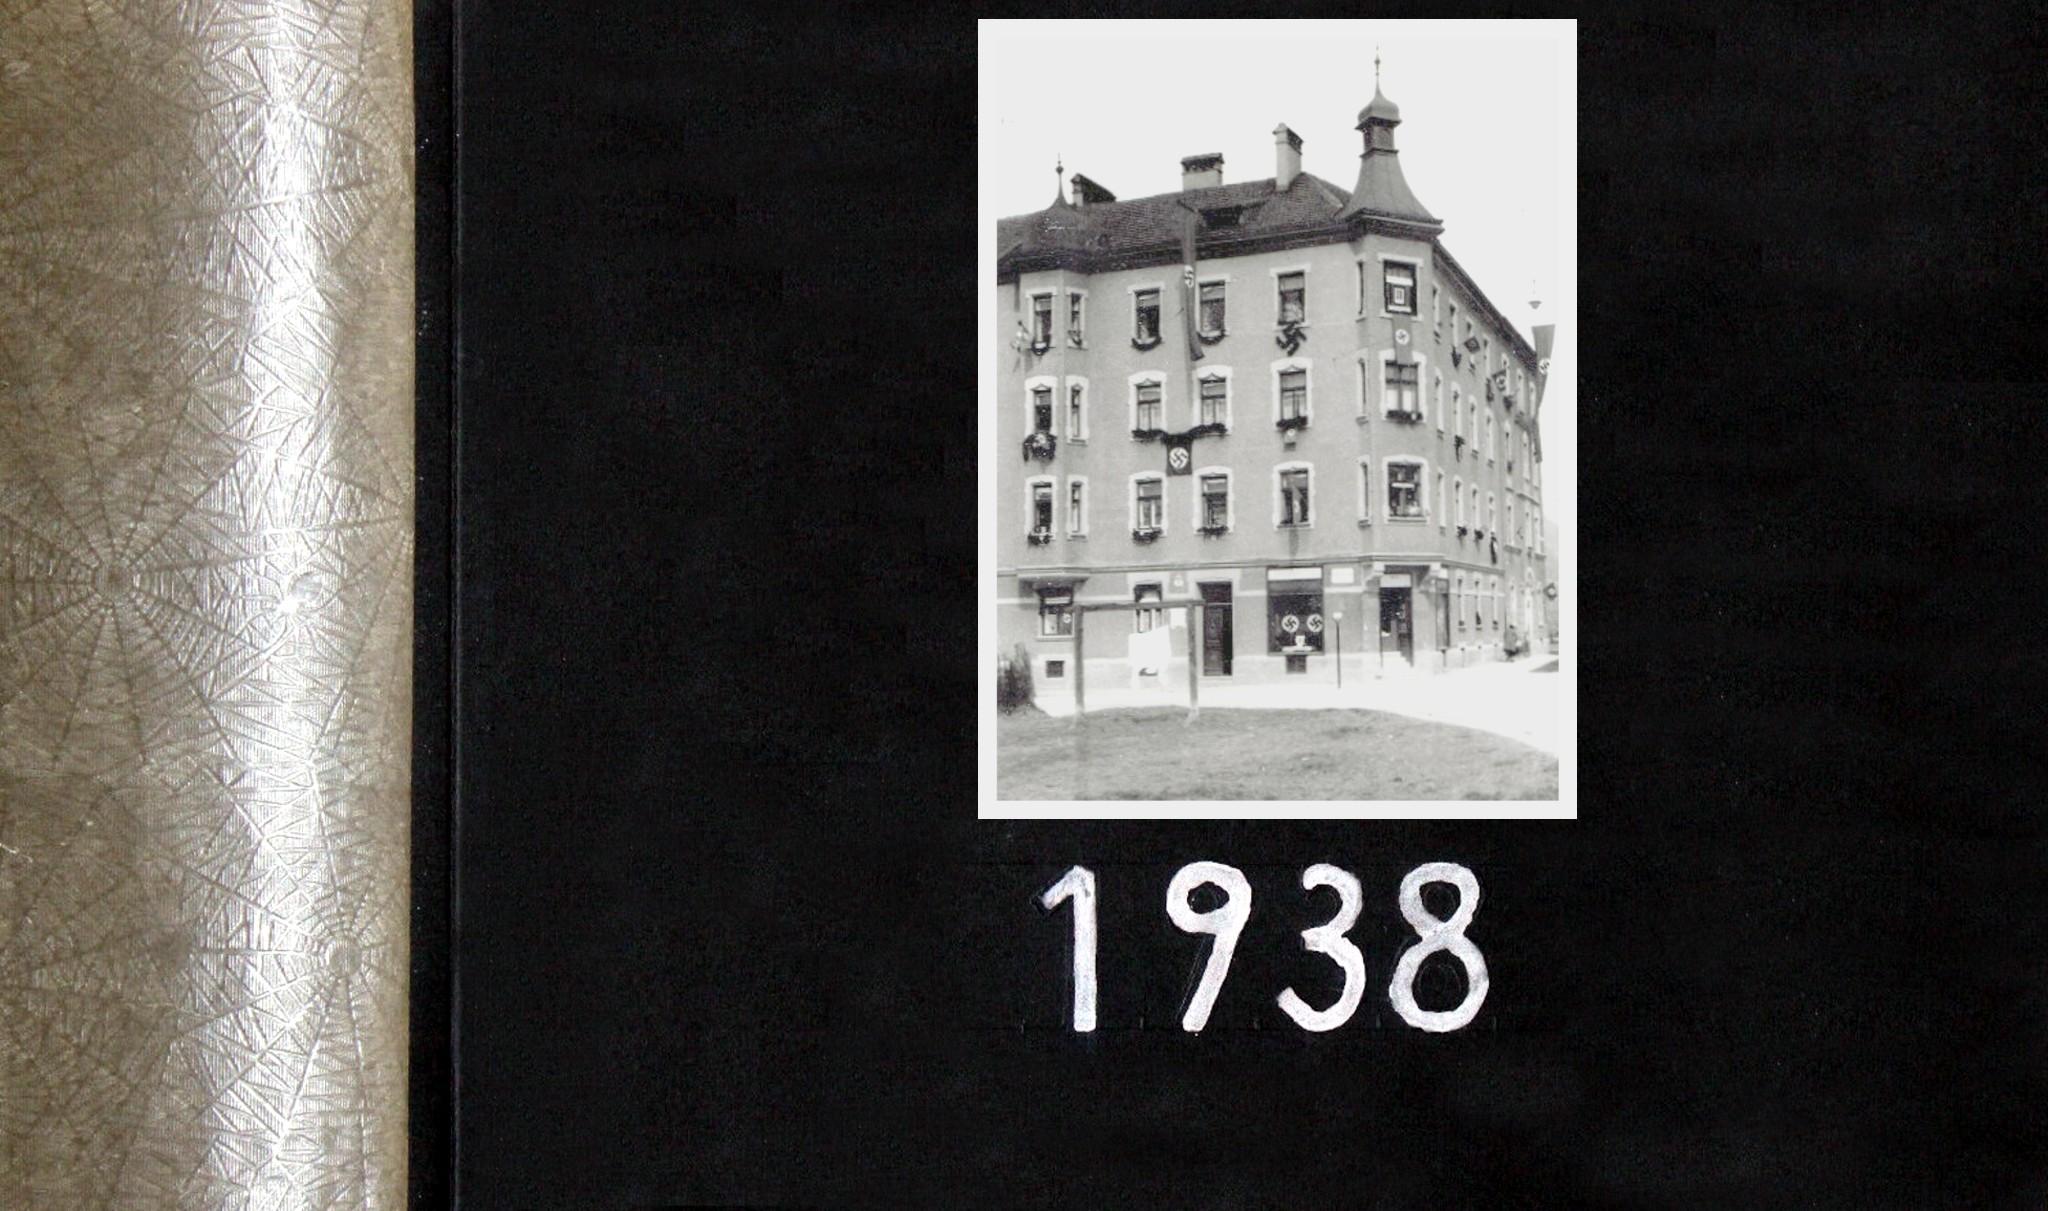 Pradl 1938, Häuserbild